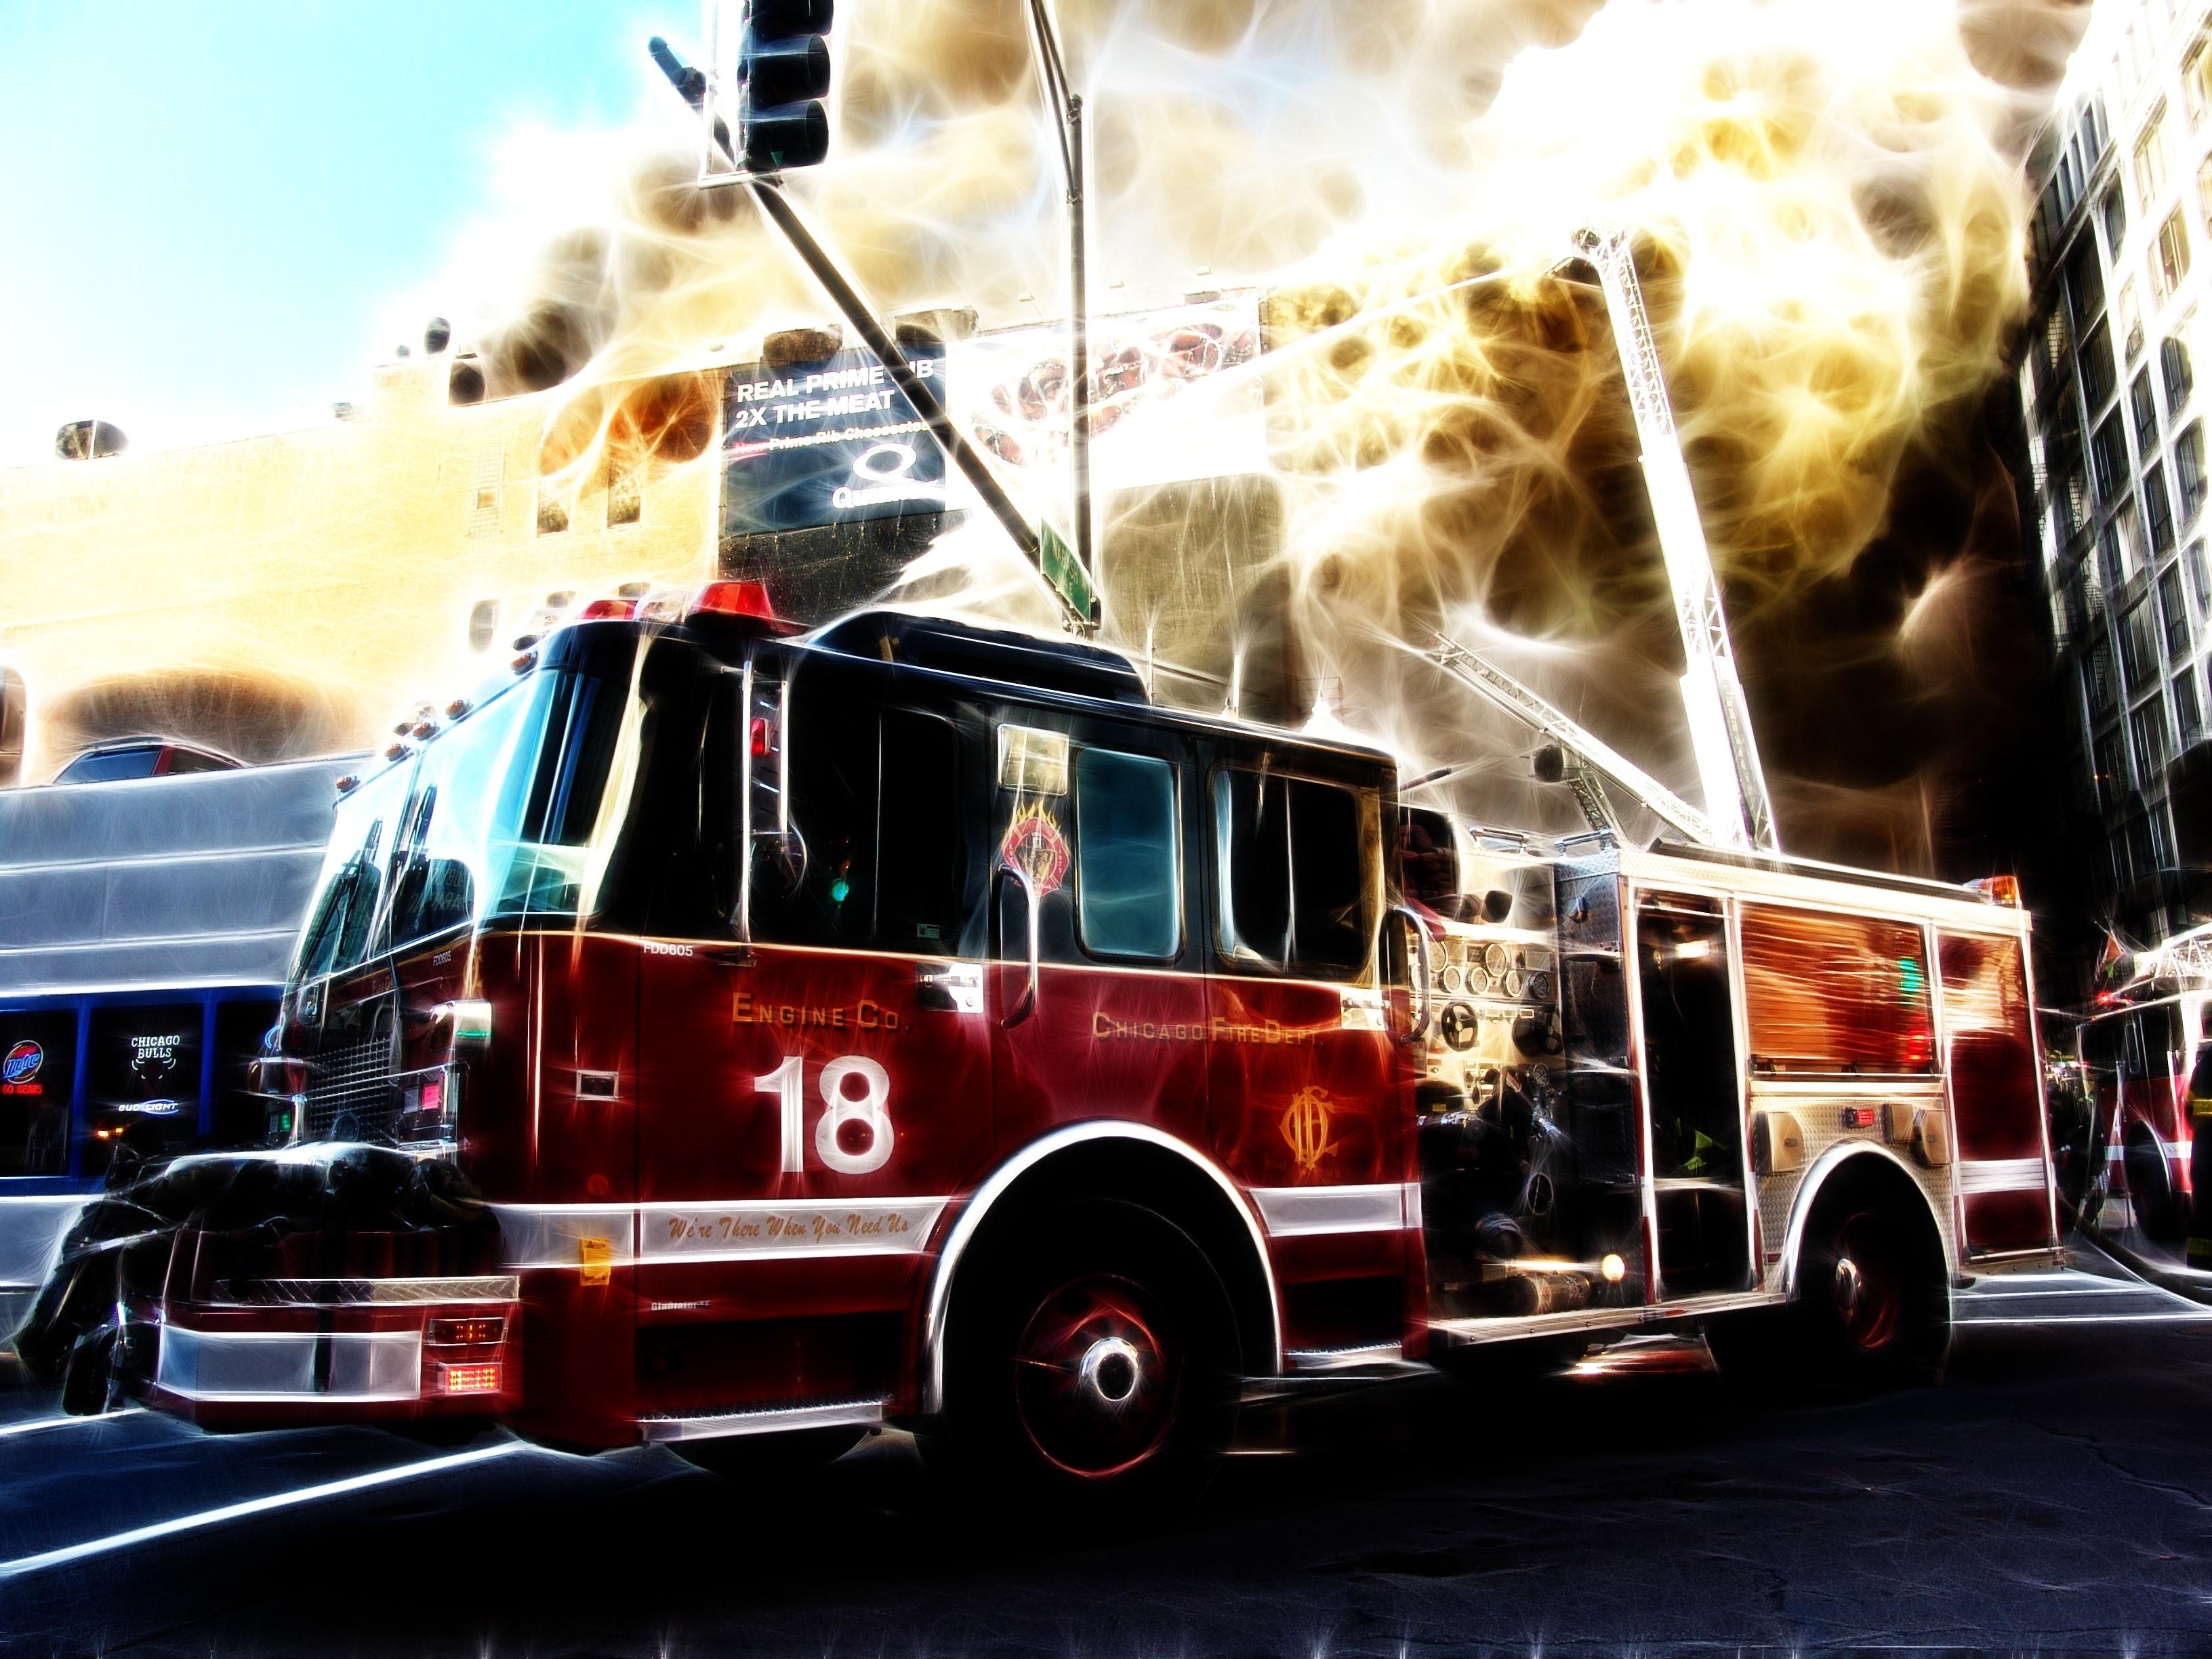 fire truck wallpapers, 38 fire truck high resolution wallpaper's